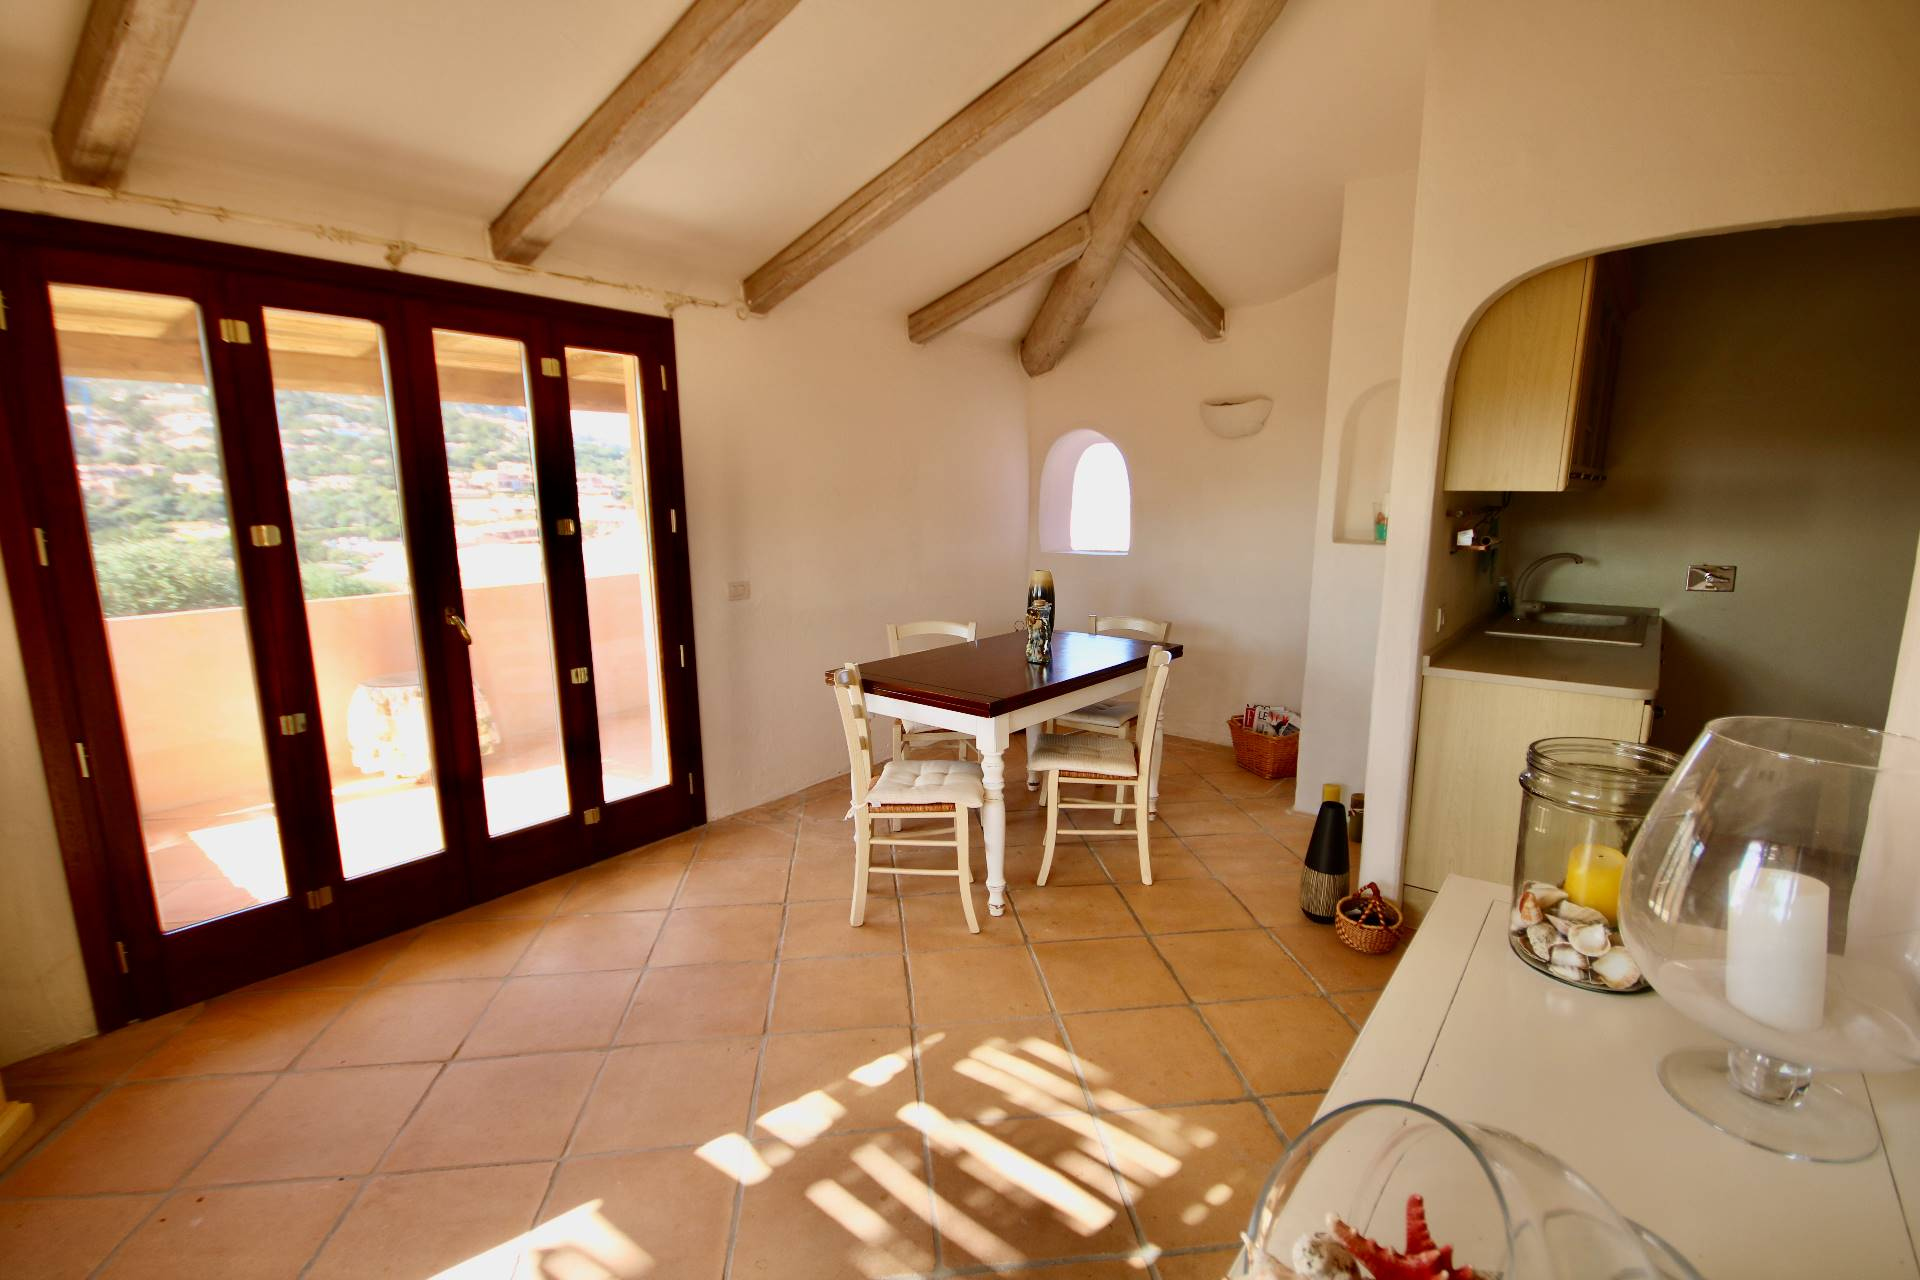 Appartamento in vendita a Arzachena - Porto Cervo, 3 locali, zona Località: PortoCervo, prezzo € 515.000 | PortaleAgenzieImmobiliari.it